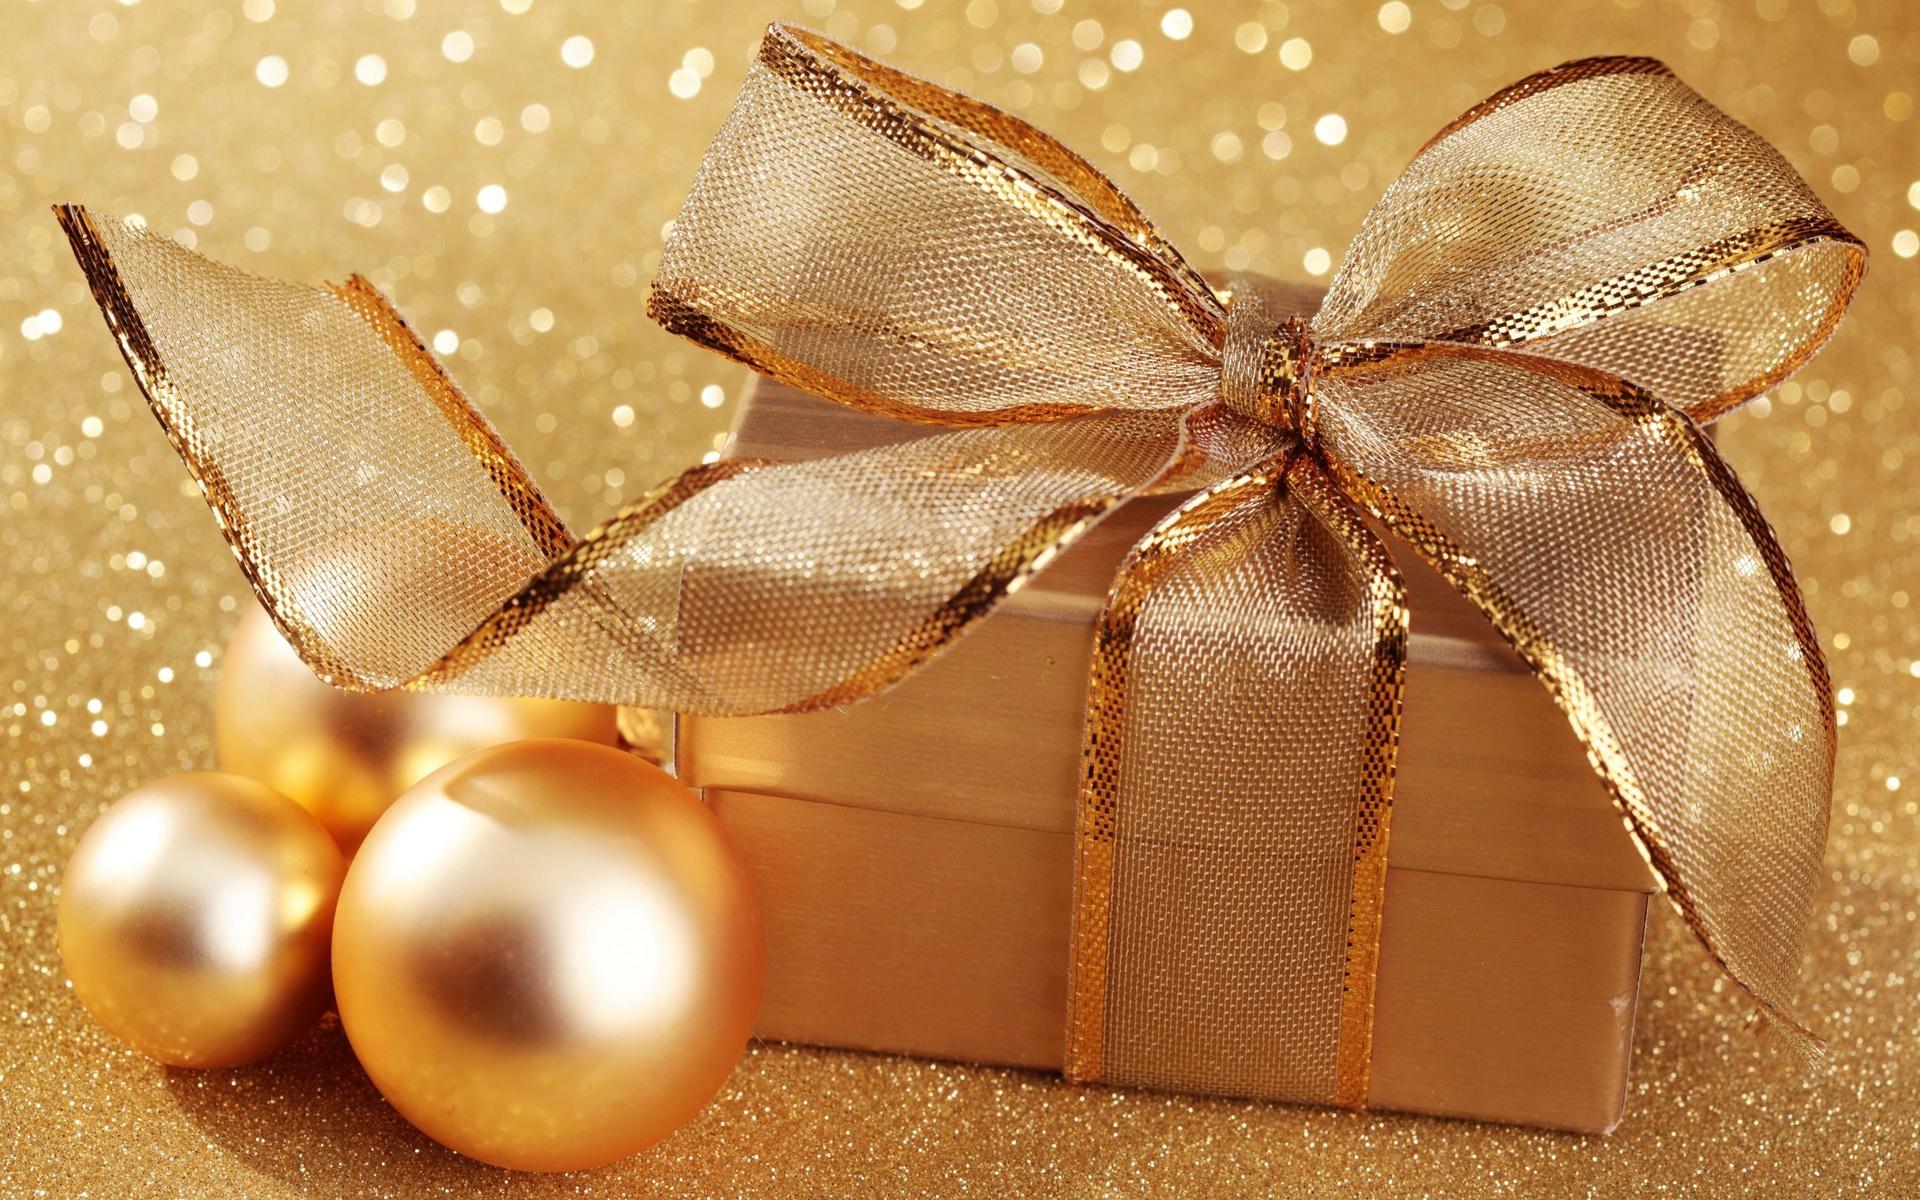 Подарок в открытке новогодней, новгород картинки для